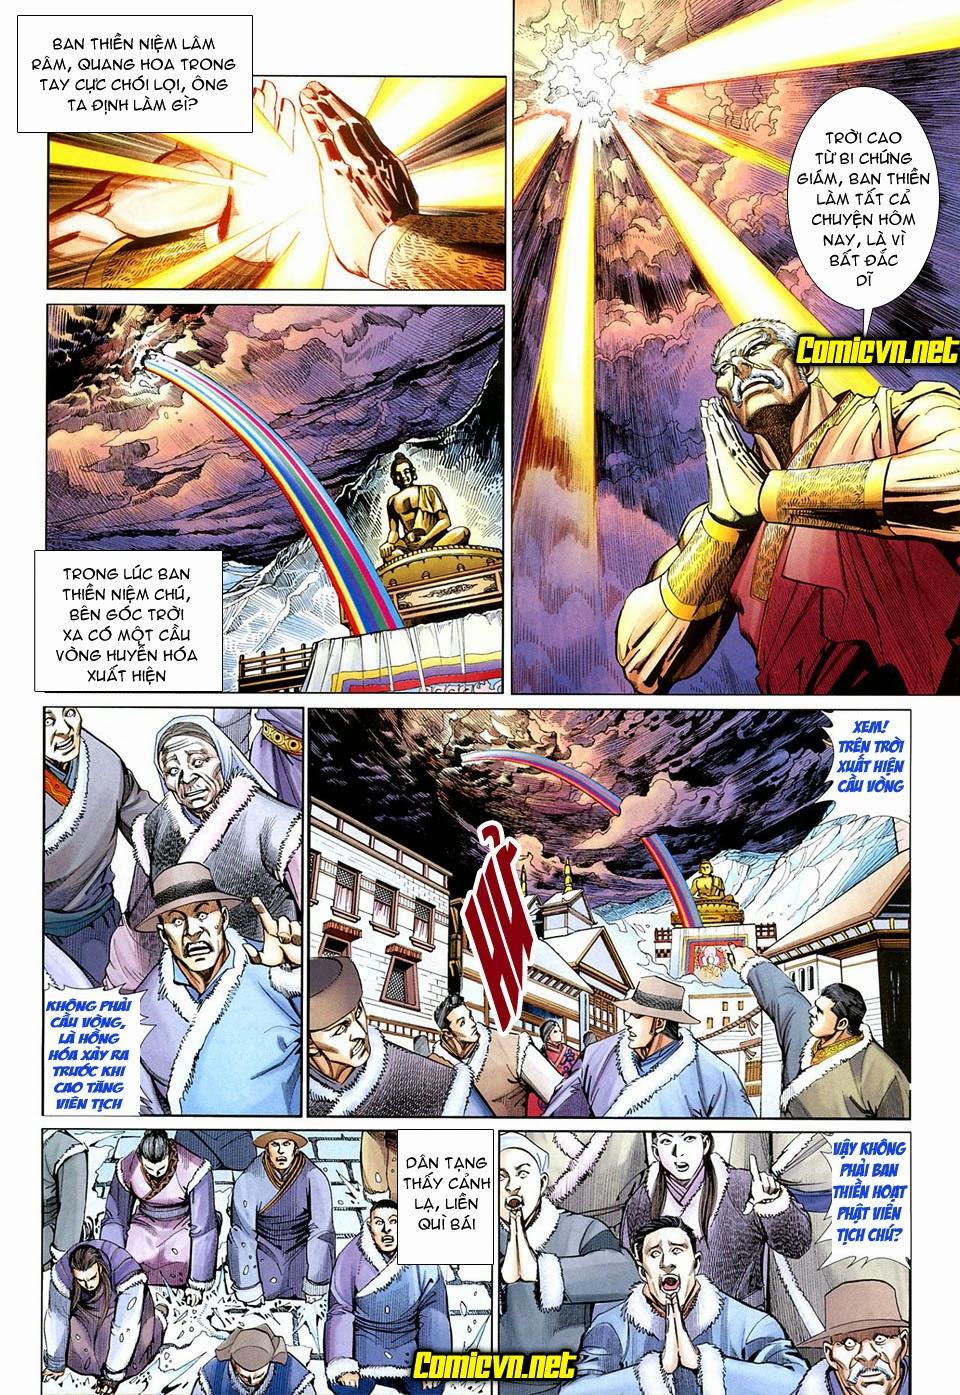 Thiên Hạ Vô Địch Tiểu Kiếm Tiên chap 31 - Trang 17